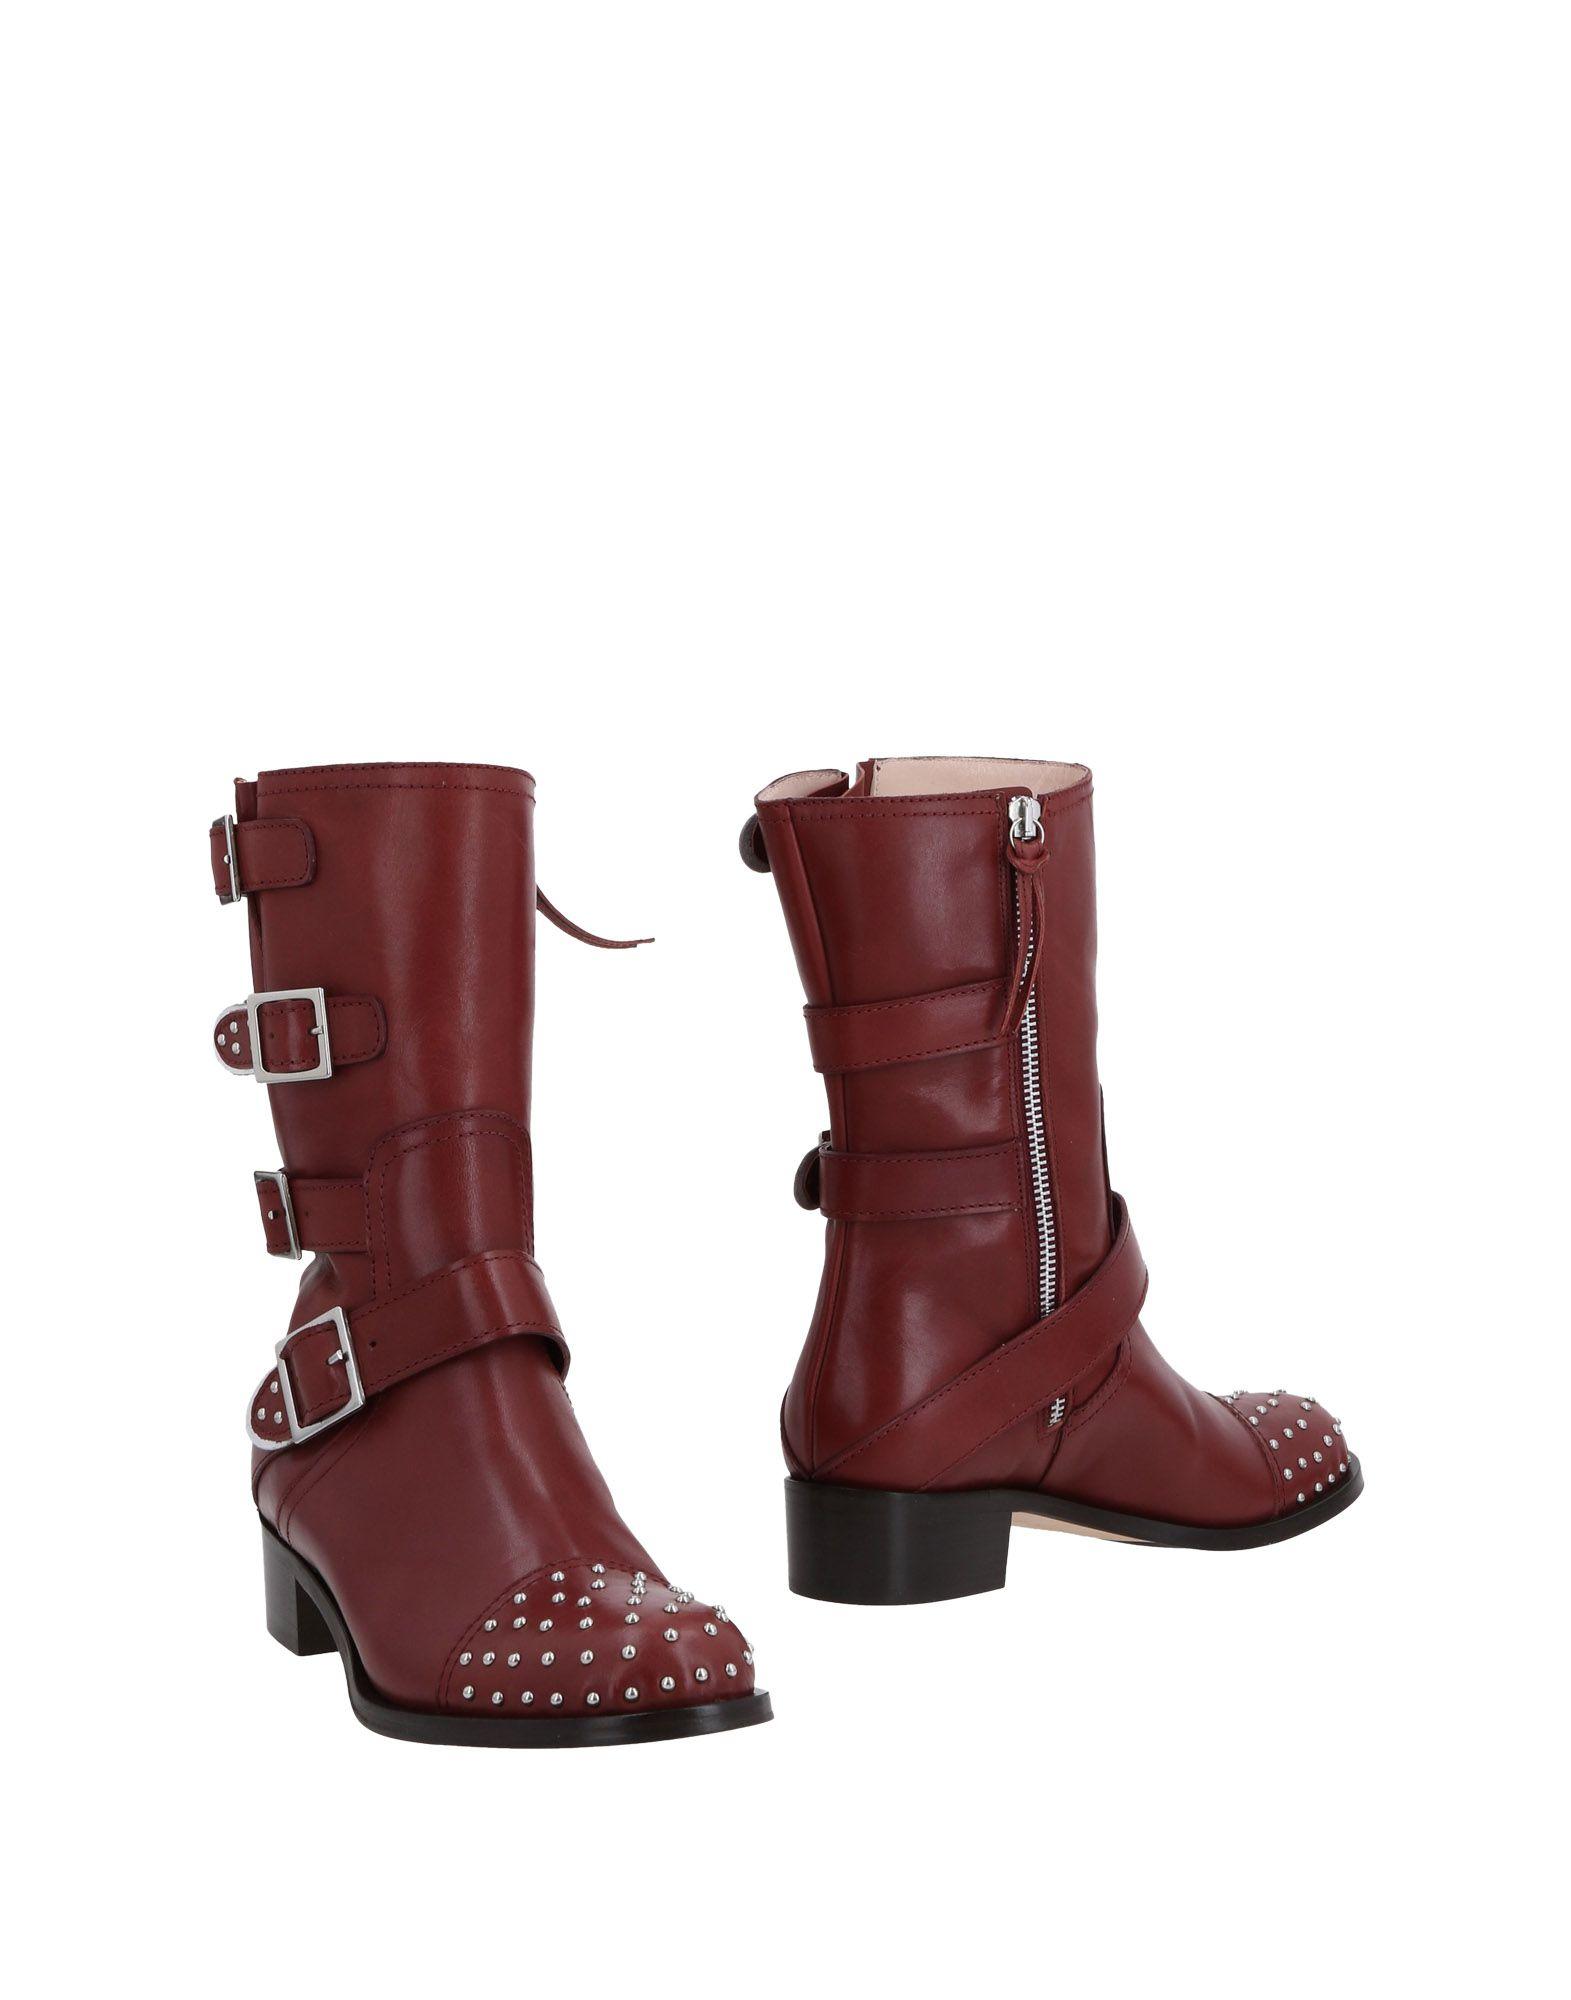 CAVALLINI Полусапоги и высокие ботинки grey mer полусапоги и высокие ботинки